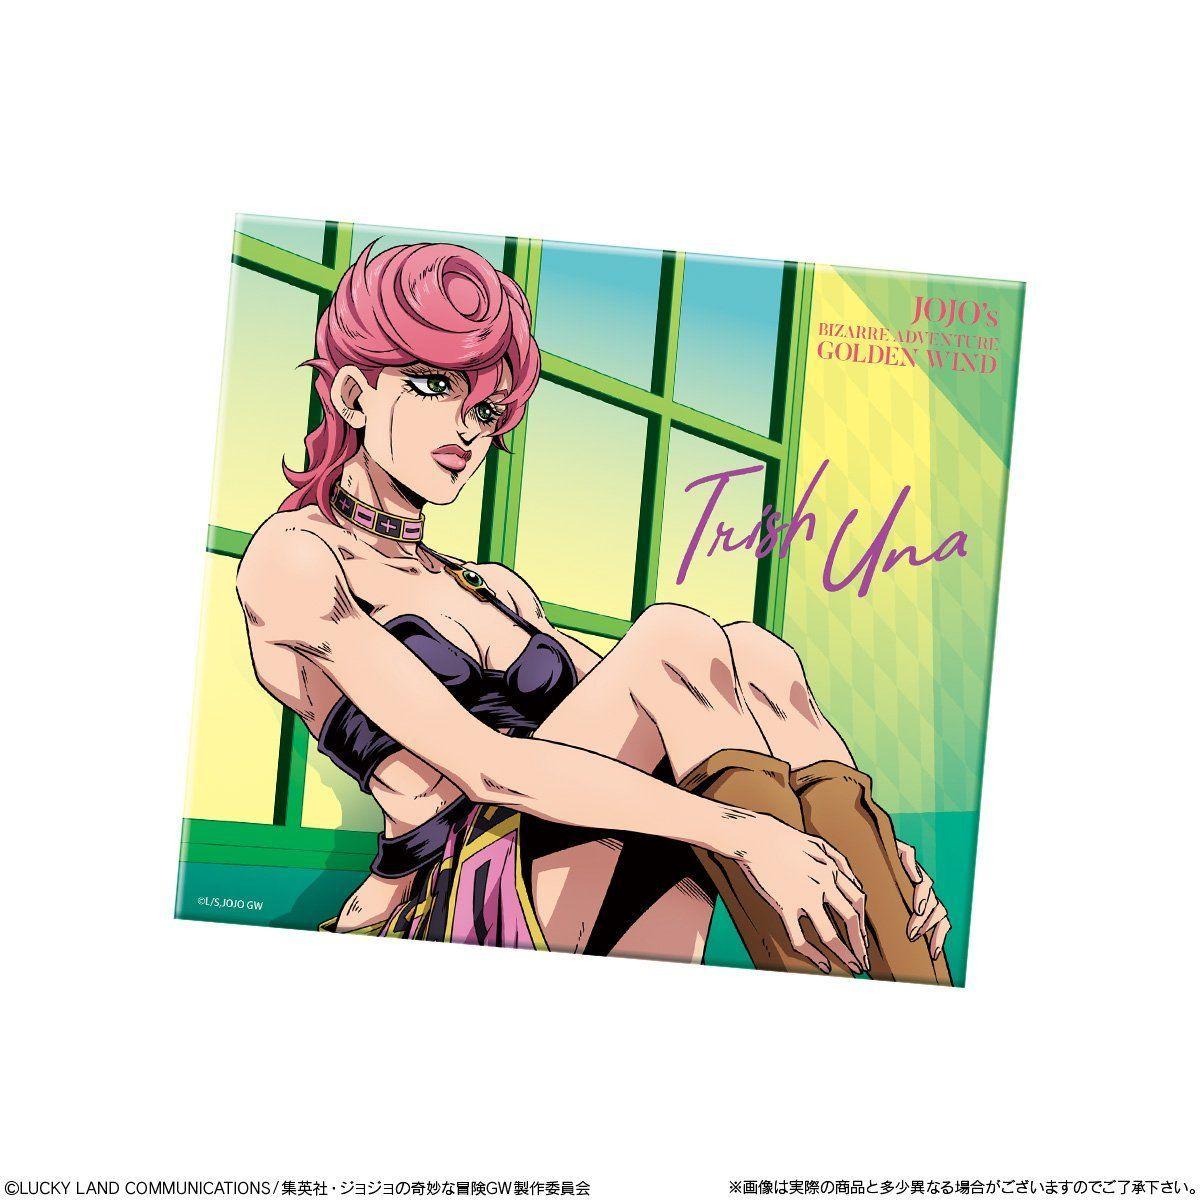 【食玩】ジョジョ『ジョジョの奇妙な冒険 黄金の風 canvas style -キャンバススタイル-』10個入りBOX-003